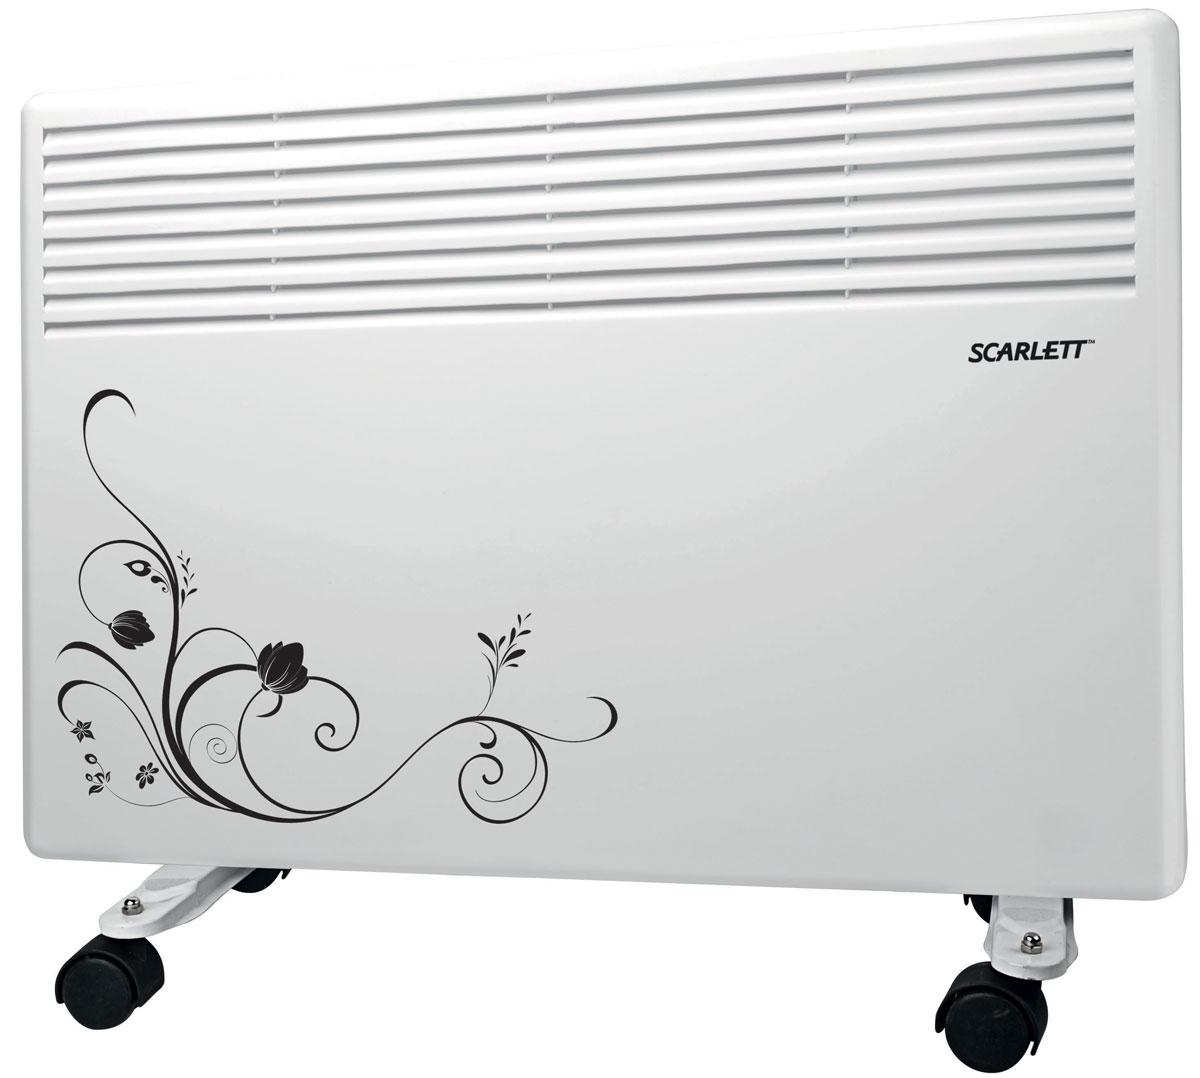 Scarlett SC-2158 обогревательSC-2158Электрический конвектор Scarlett SC-2158 белого цвета имеет классический стильный дизайн, предназначен для бытового использования. Прибор рассчитан для обогрева помещений до 10 м2. Данная модель имеет механический термостат и регулировку температуры. Обогреватель оснащен системой No-Frost от замерзания, а также защитой от перегрева, опрокидывания, попадания брызг и мелкого мусора по классу IP24. Предусмотрено два возможных уровня мощности - 600 Вт и 1000 Вт, работает при напряжении 220 В и частоте тока 50 Гц.